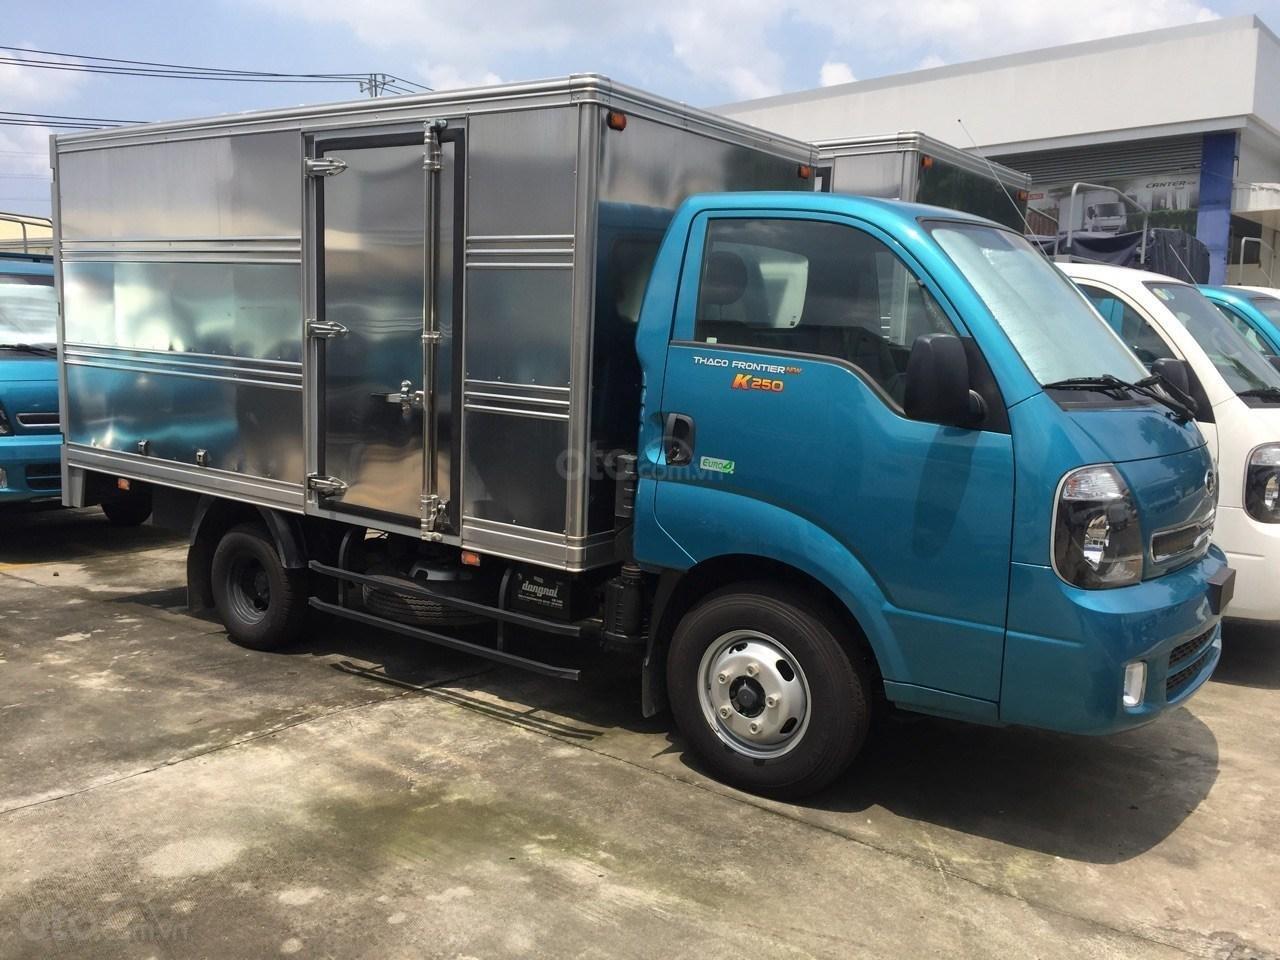 Xe tải 2.5 tấn Thaco Kia K250, động cơ Hyundai đời 2019, trả góp 70% tại Bình Dương - Liên hệ: 0944.813.912 (1)